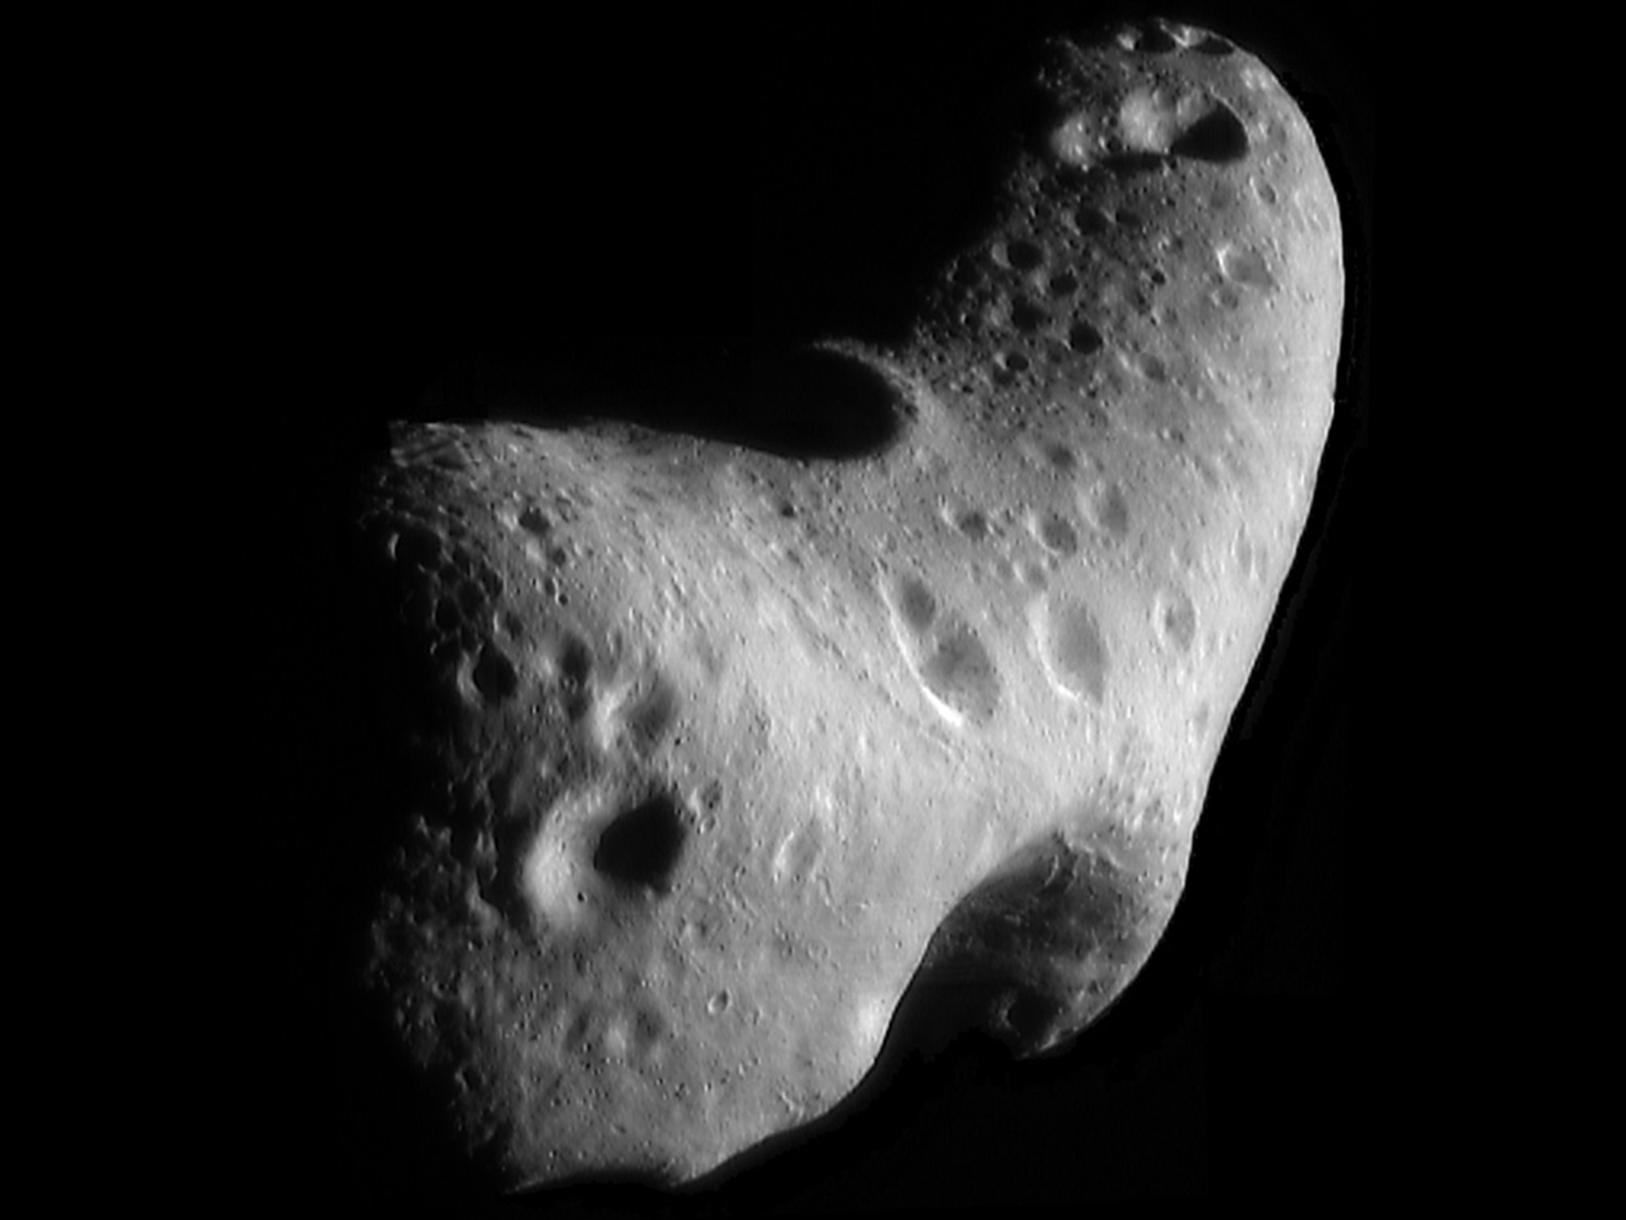 Сложный процесс разрушения астероидов